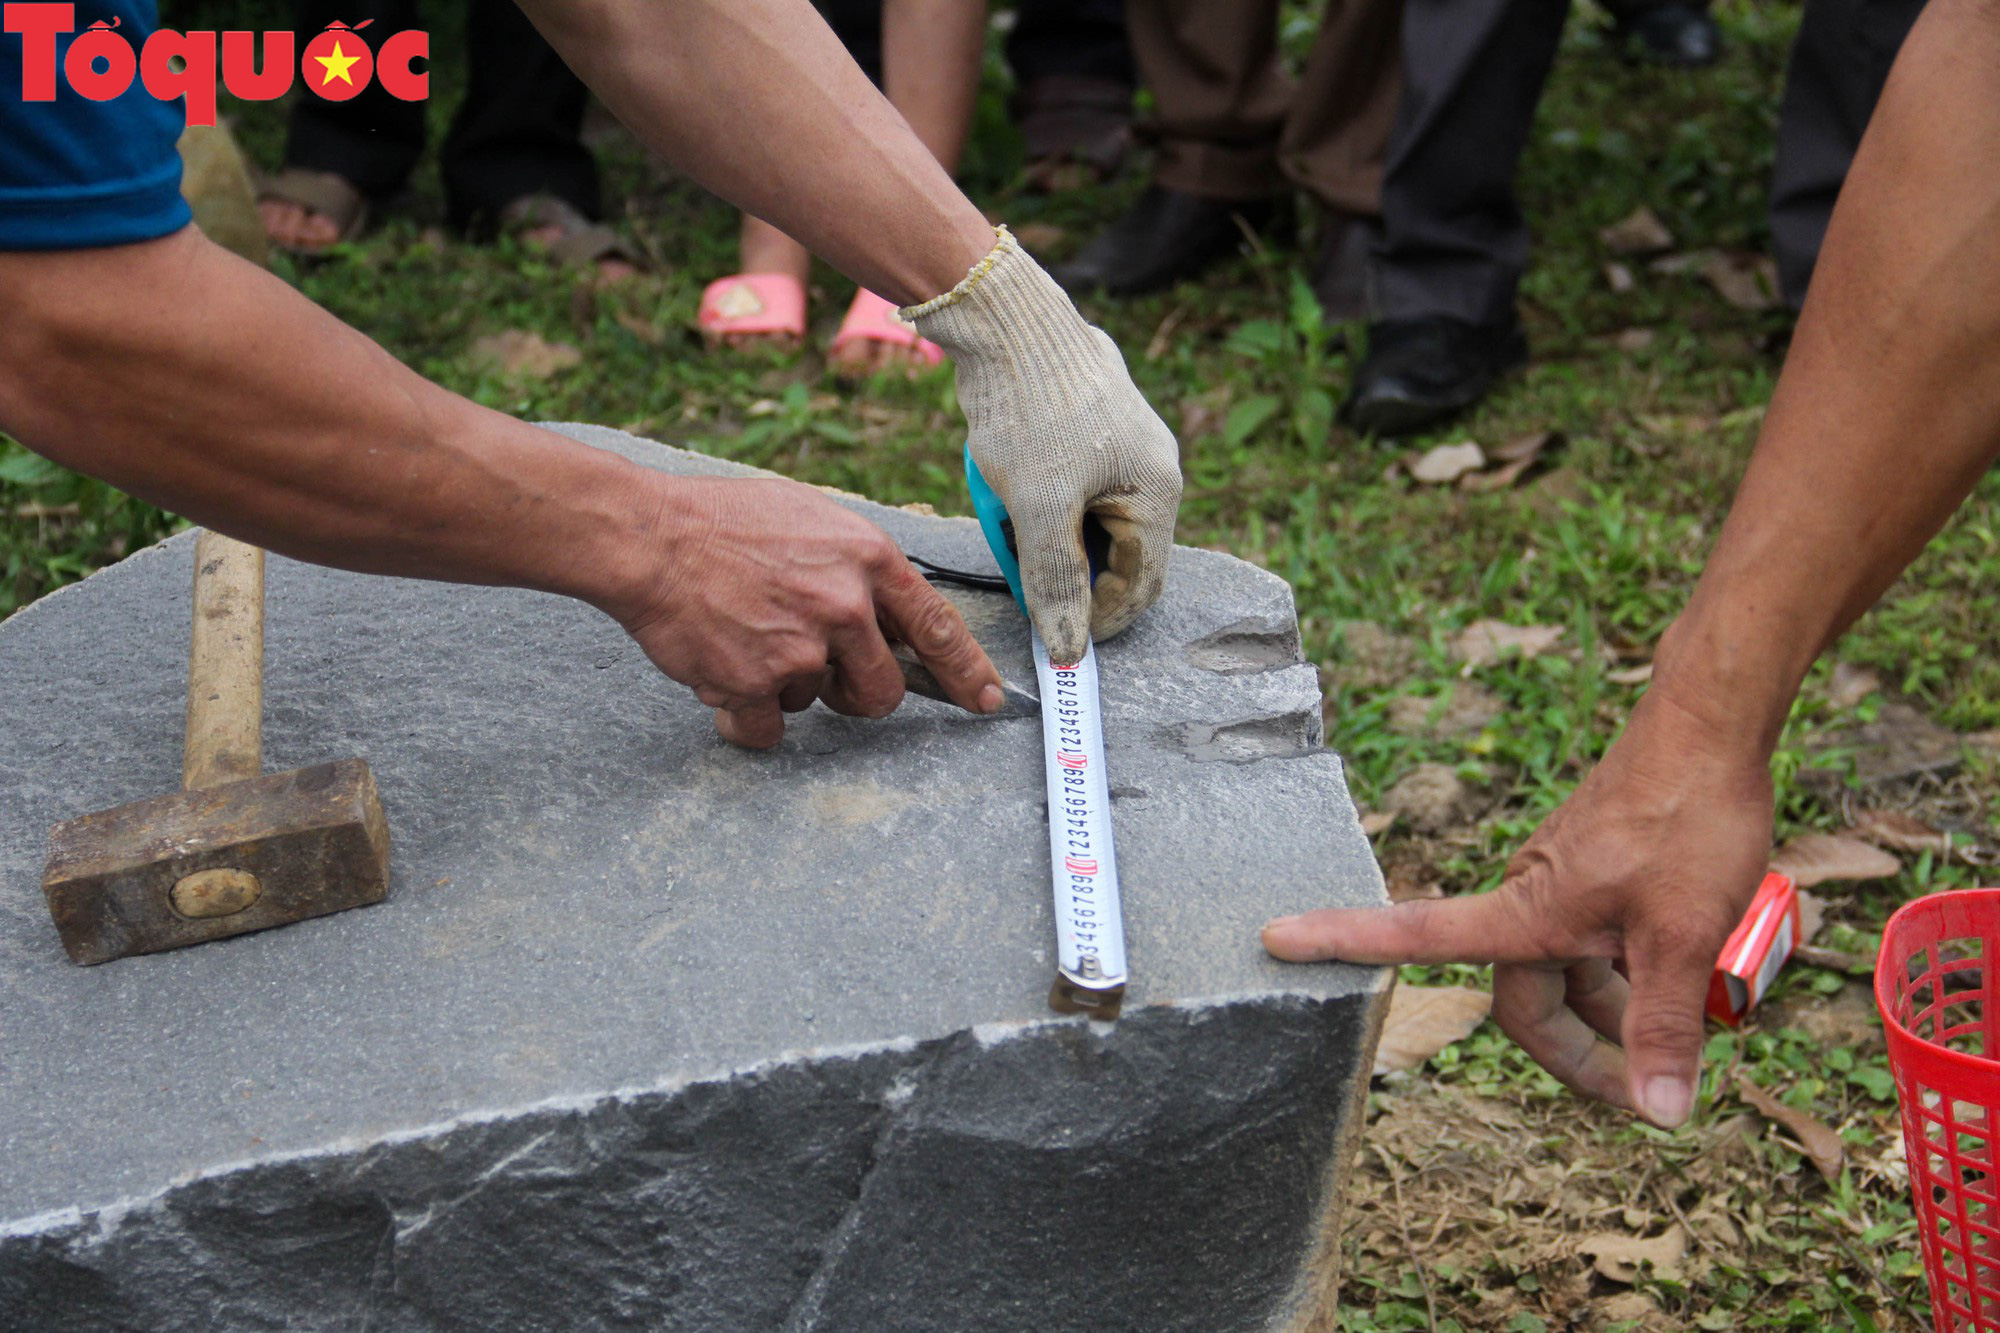 Độc đáo hội thi chẻ đá mồ côi ở Quảng Trị - Ảnh 11.